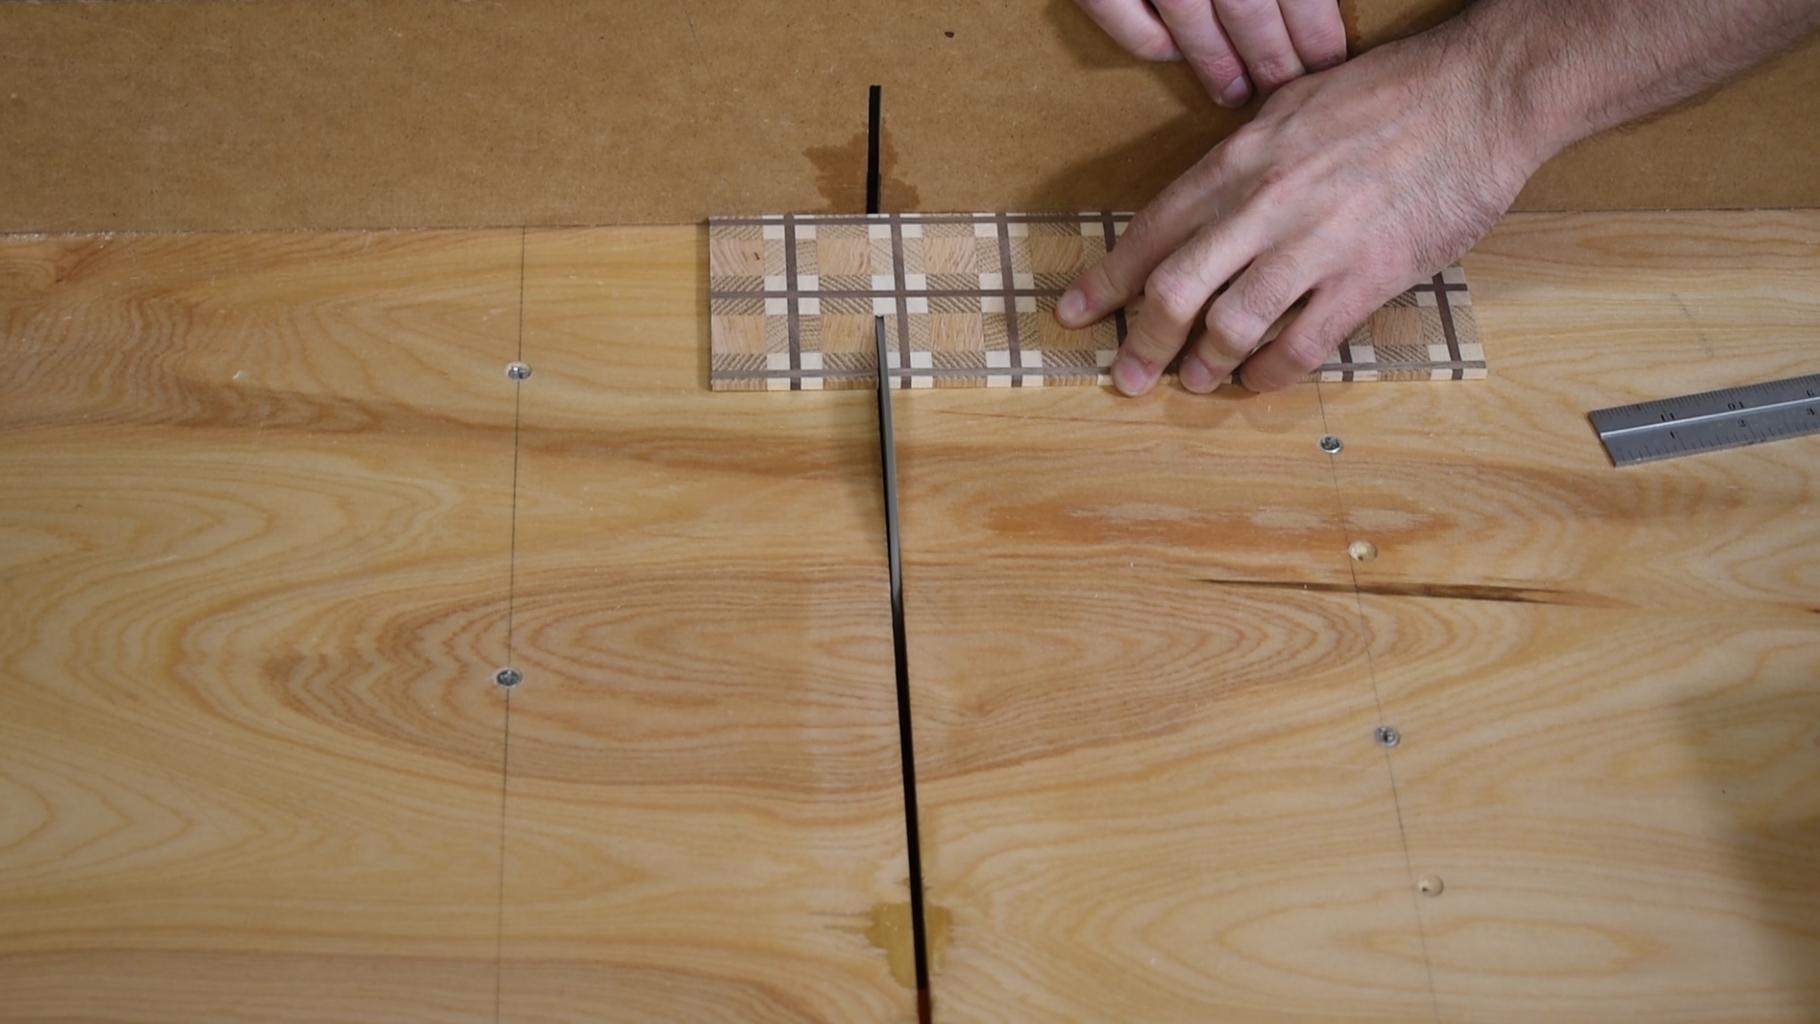 Assemble the Plaid Liner